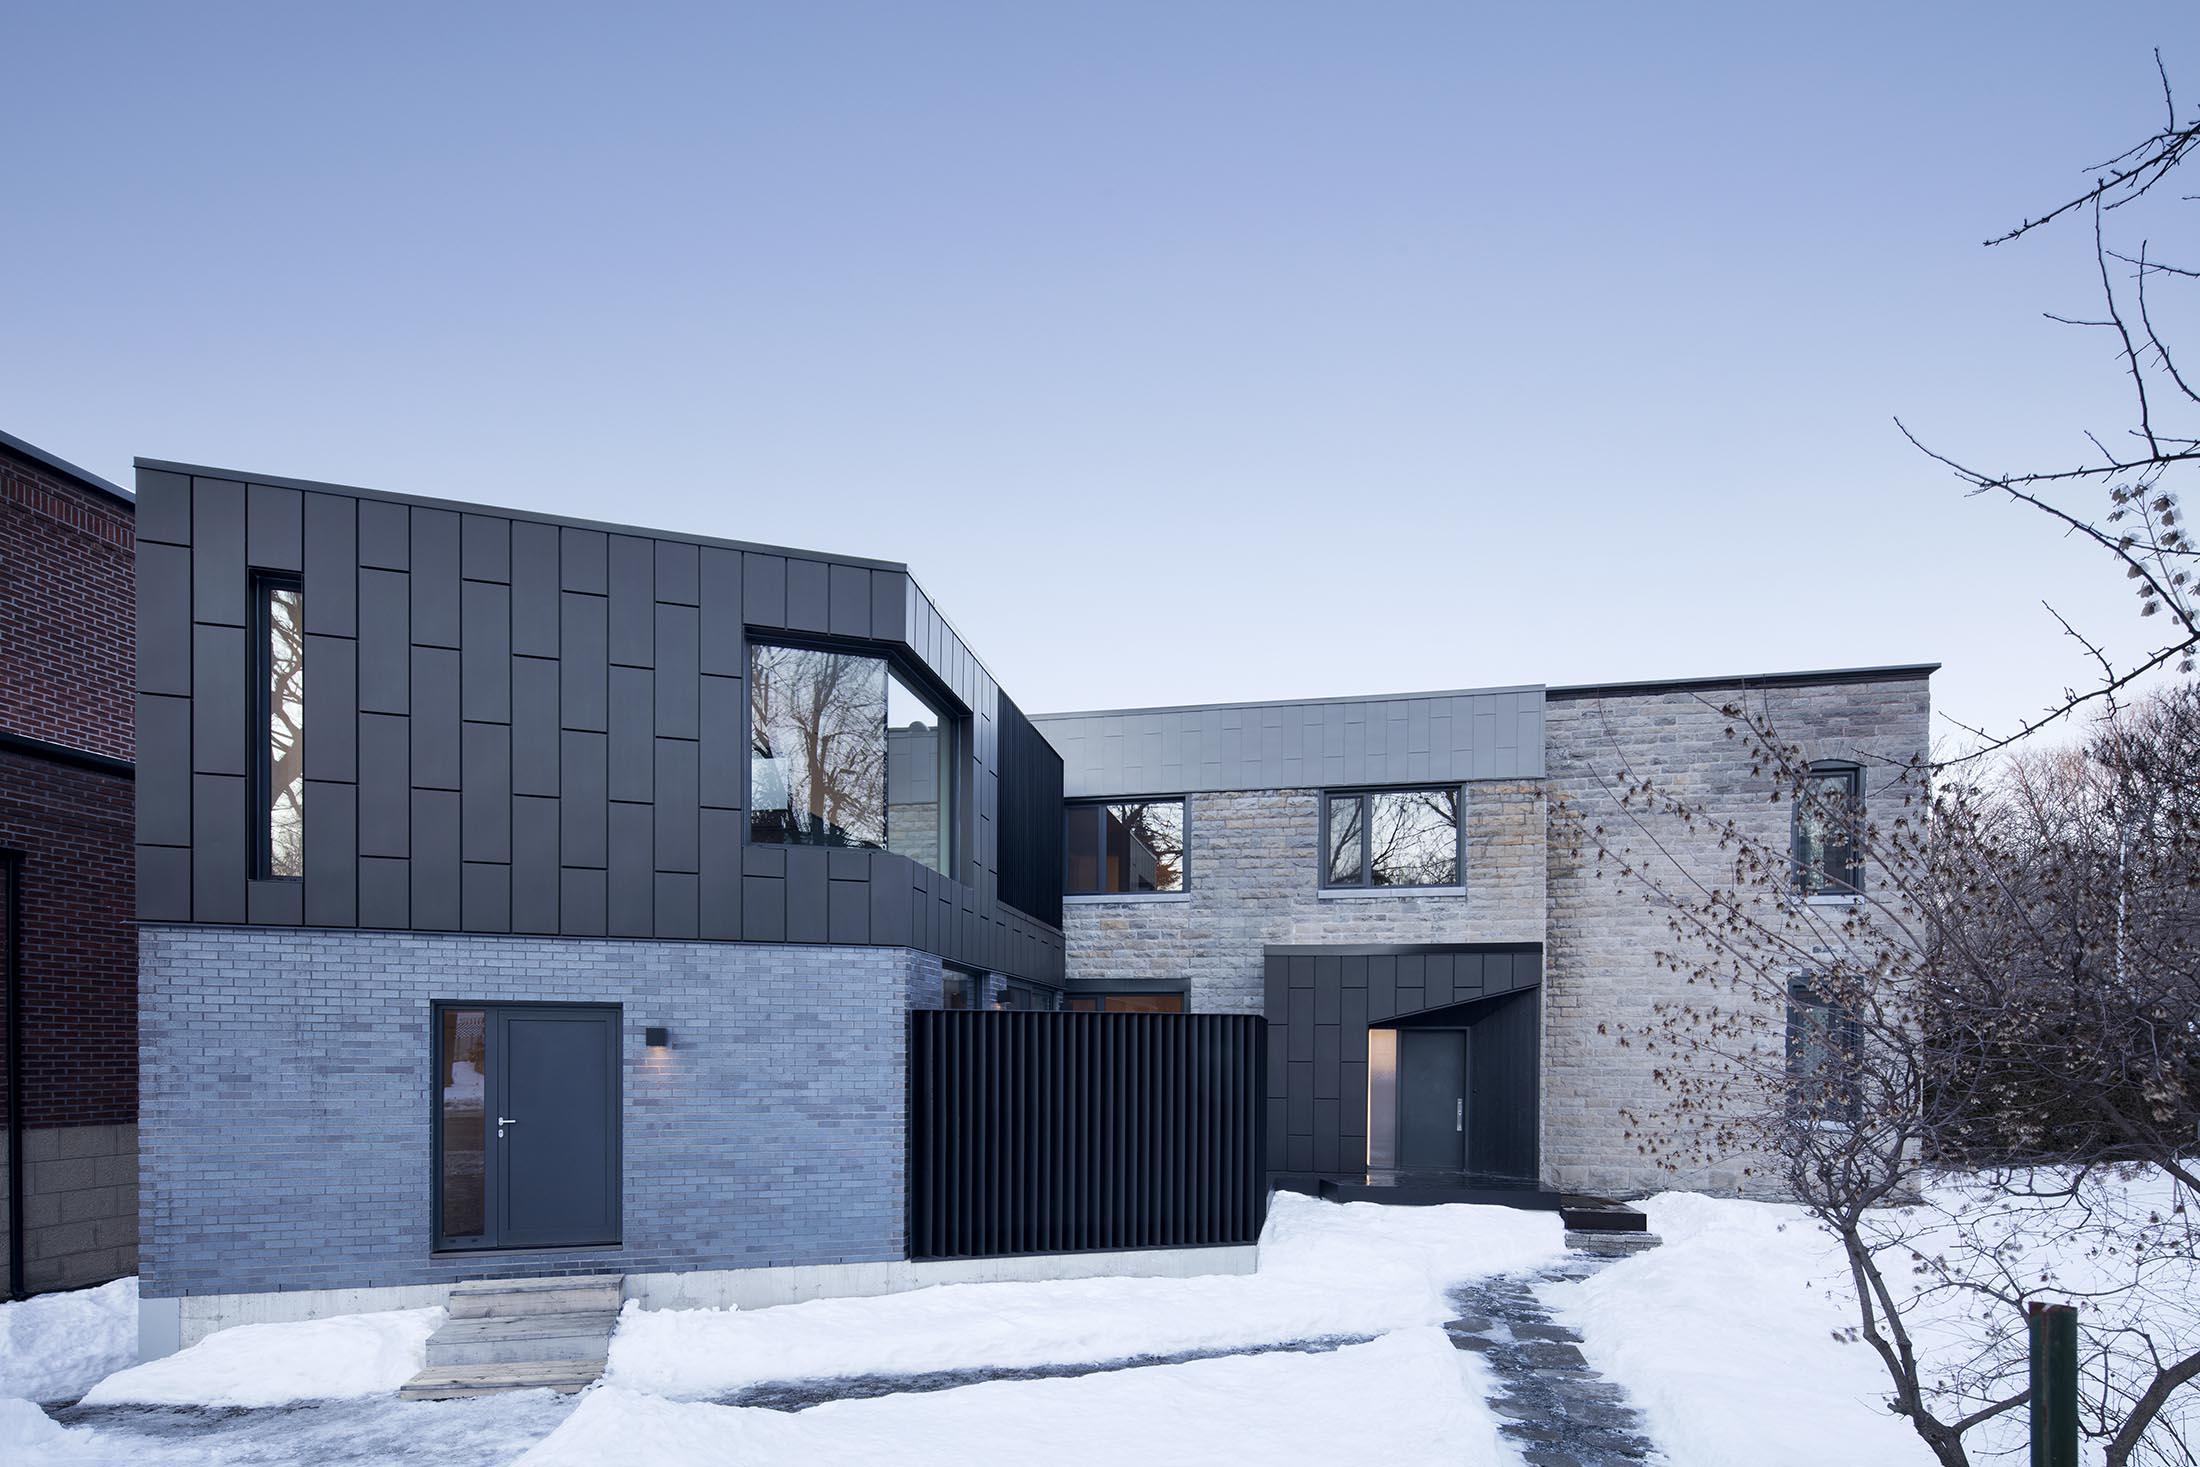 d 39 une incroyable maison ancestrale uvre architecturale ph nom nale montr al joli joli design. Black Bedroom Furniture Sets. Home Design Ideas